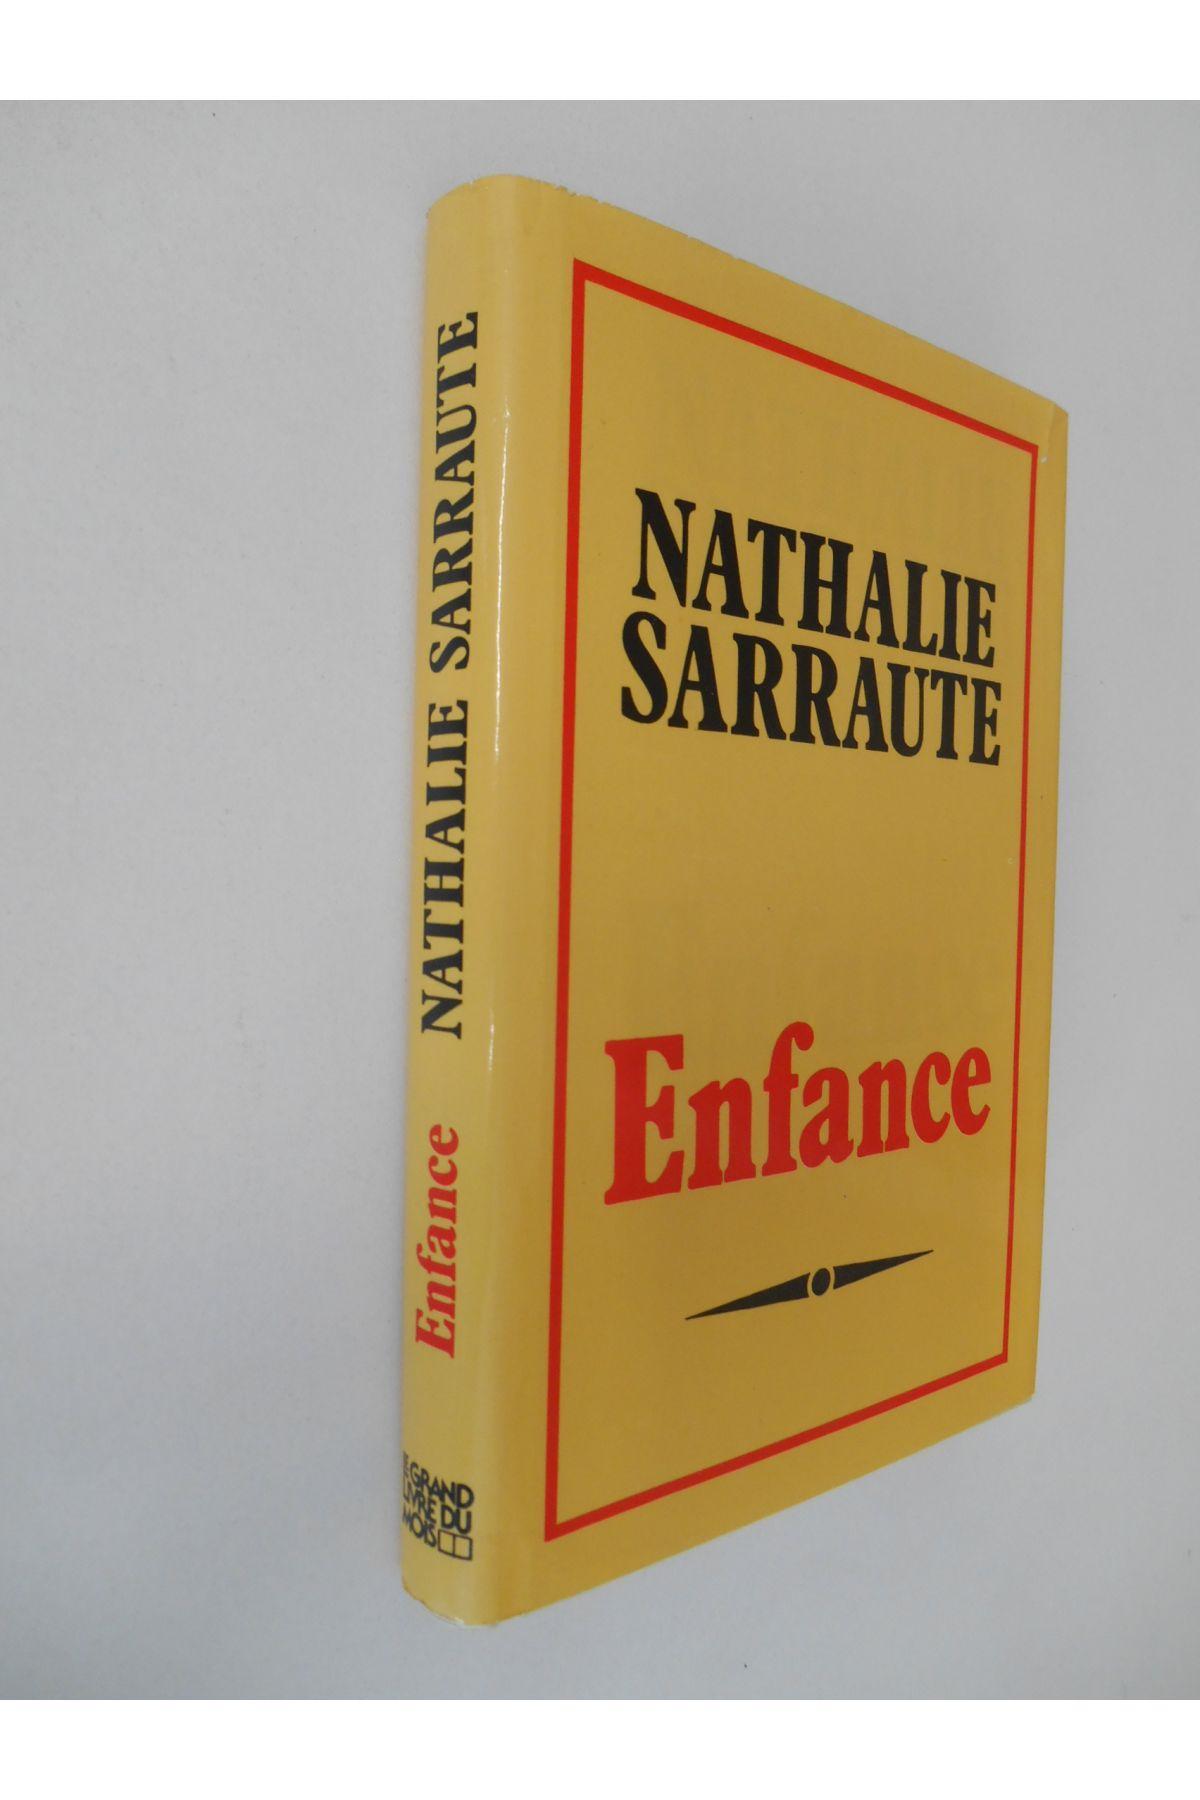 Enfance (nathalie Sarraute) : enfance, (nathalie, sarraute), Enfance, Livre, France, Loisirs